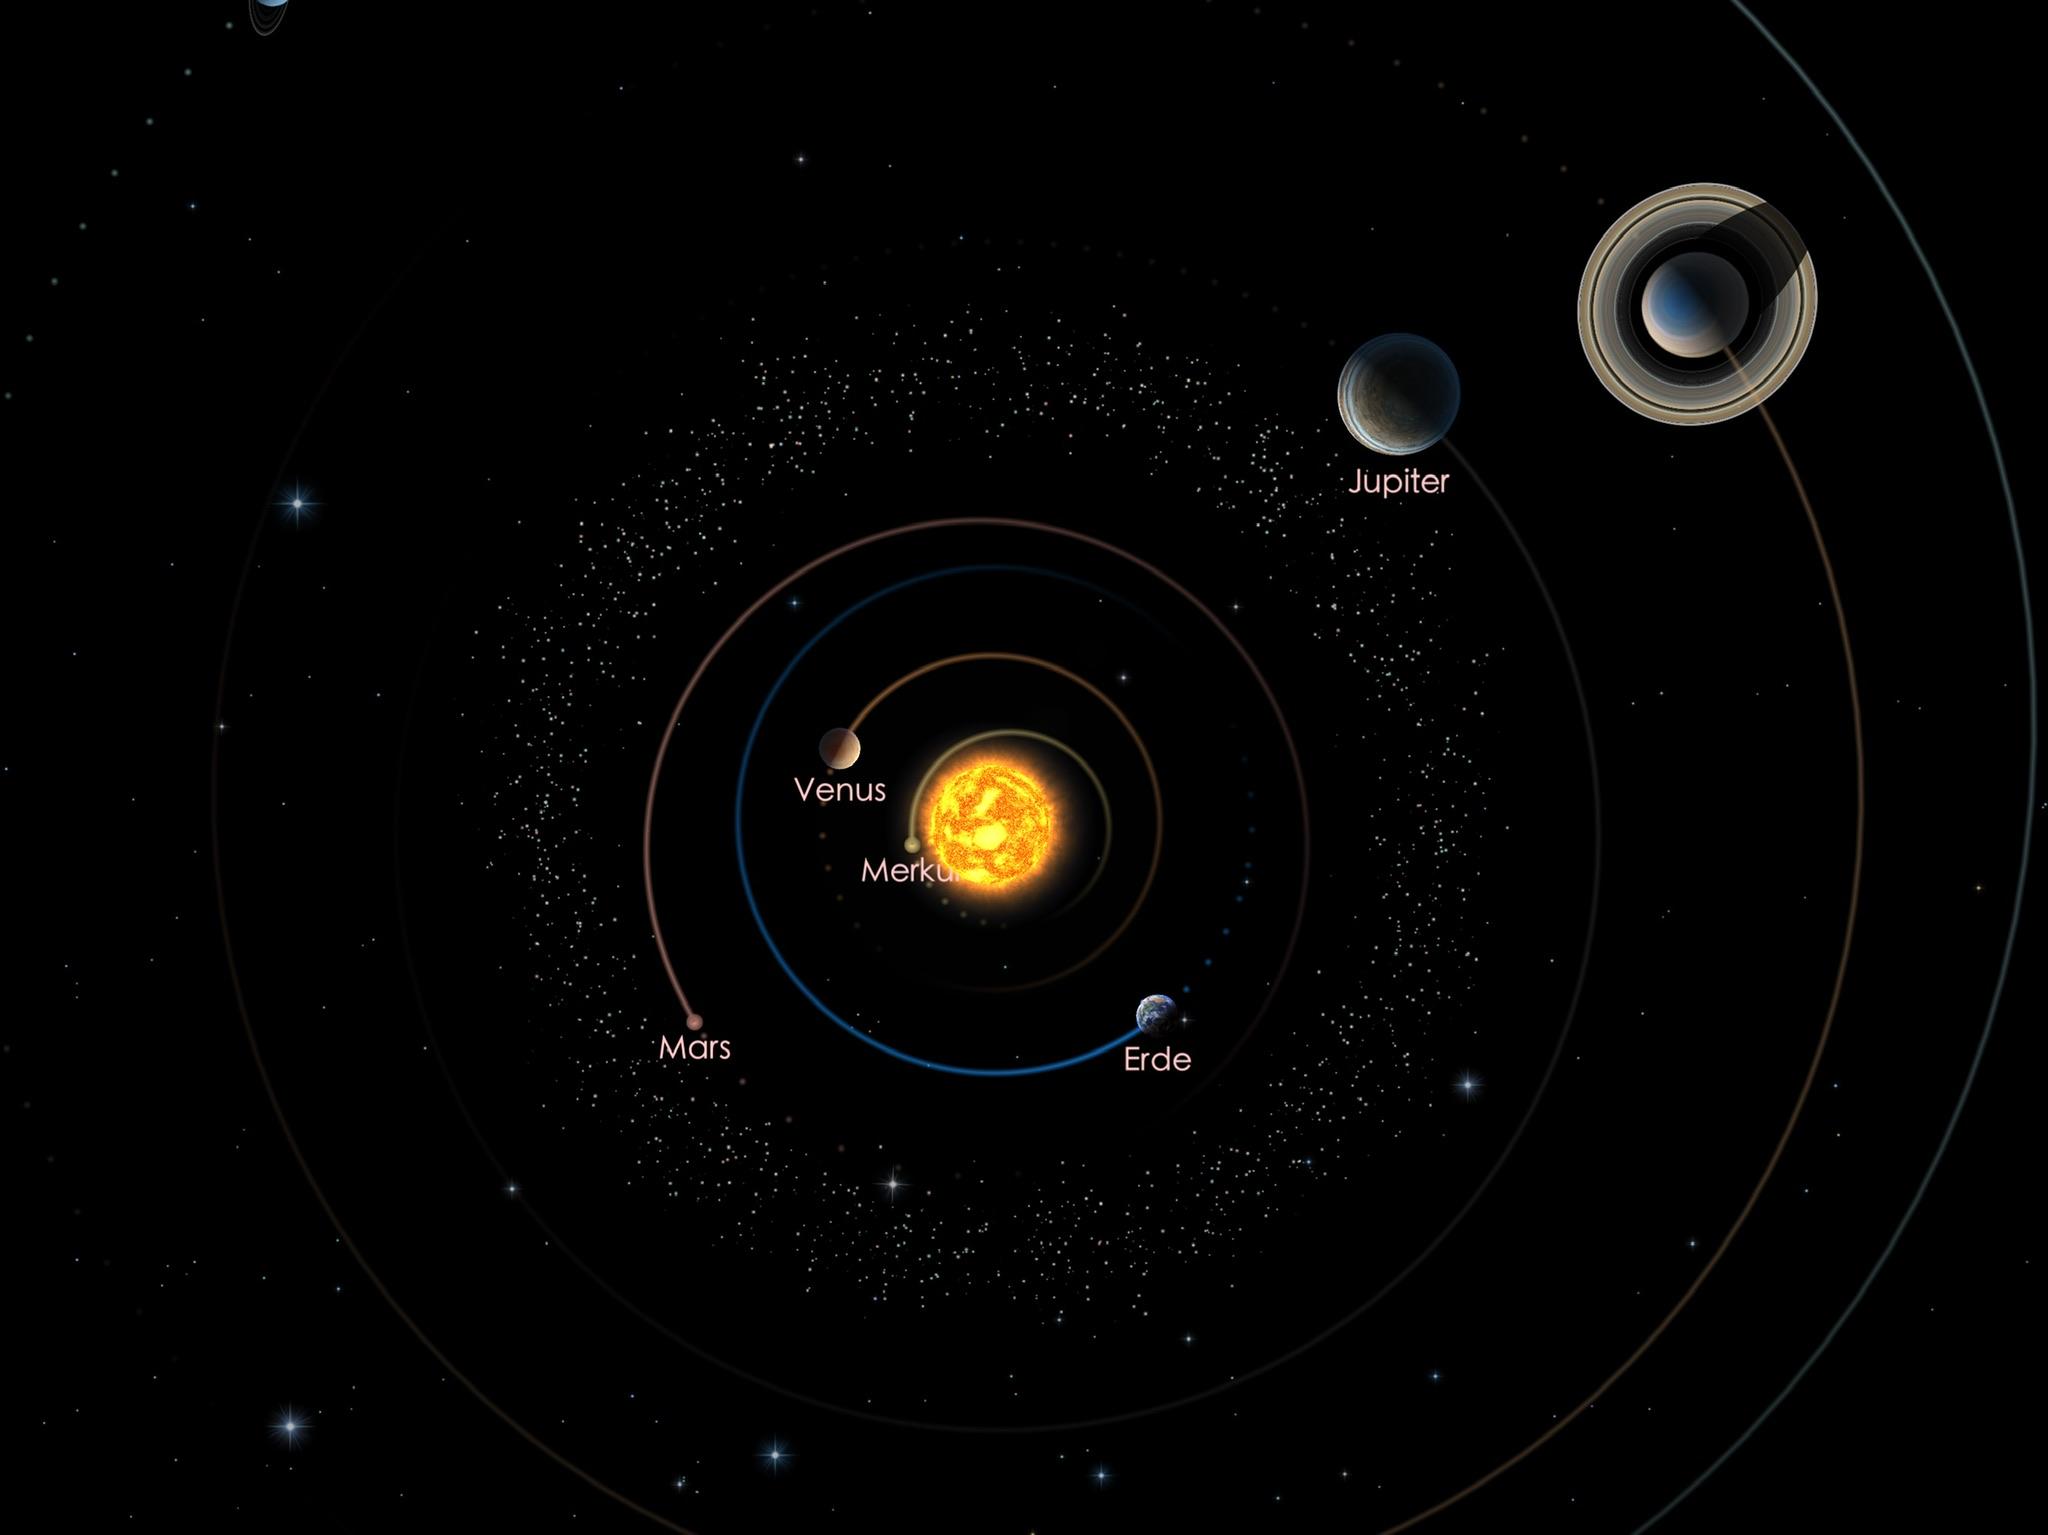 Die Positionen von Jupiter und Saturn am 01.05.21